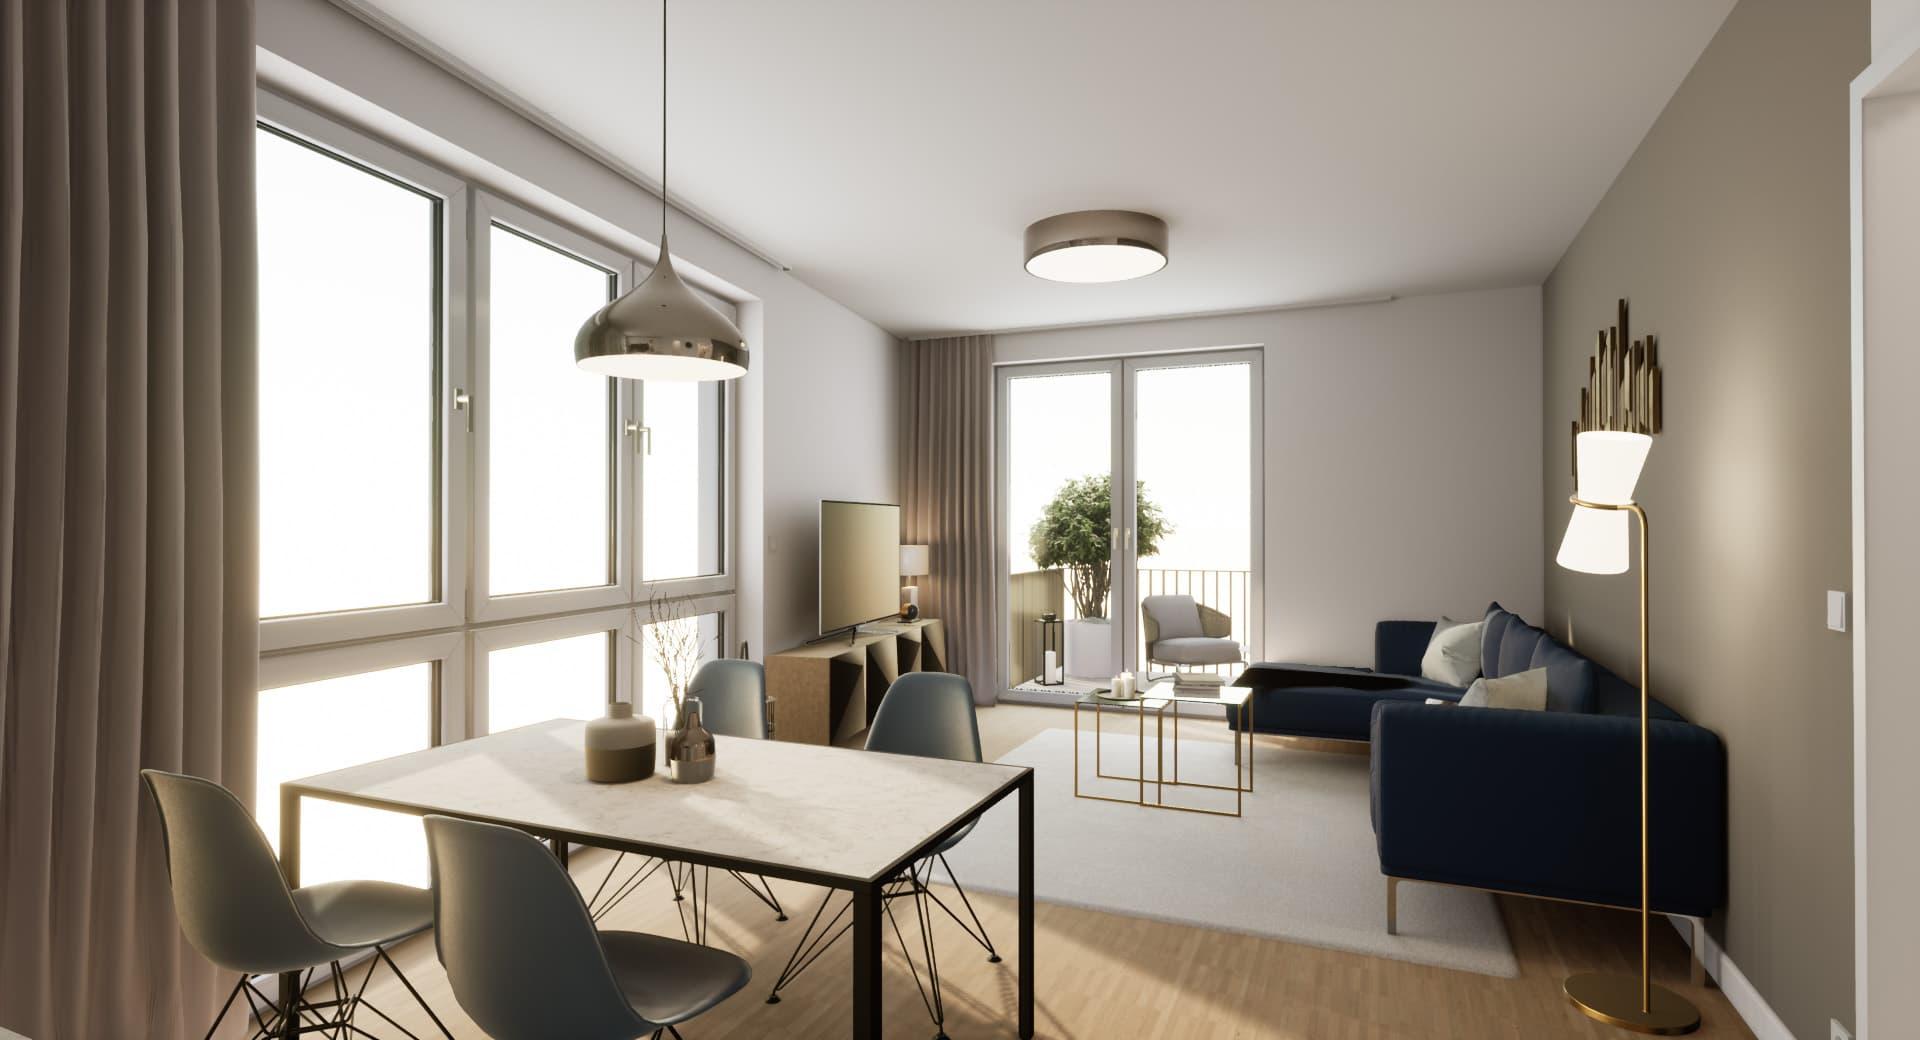 Immobilienvermarktung - Immoteam Hamburg & Berlin